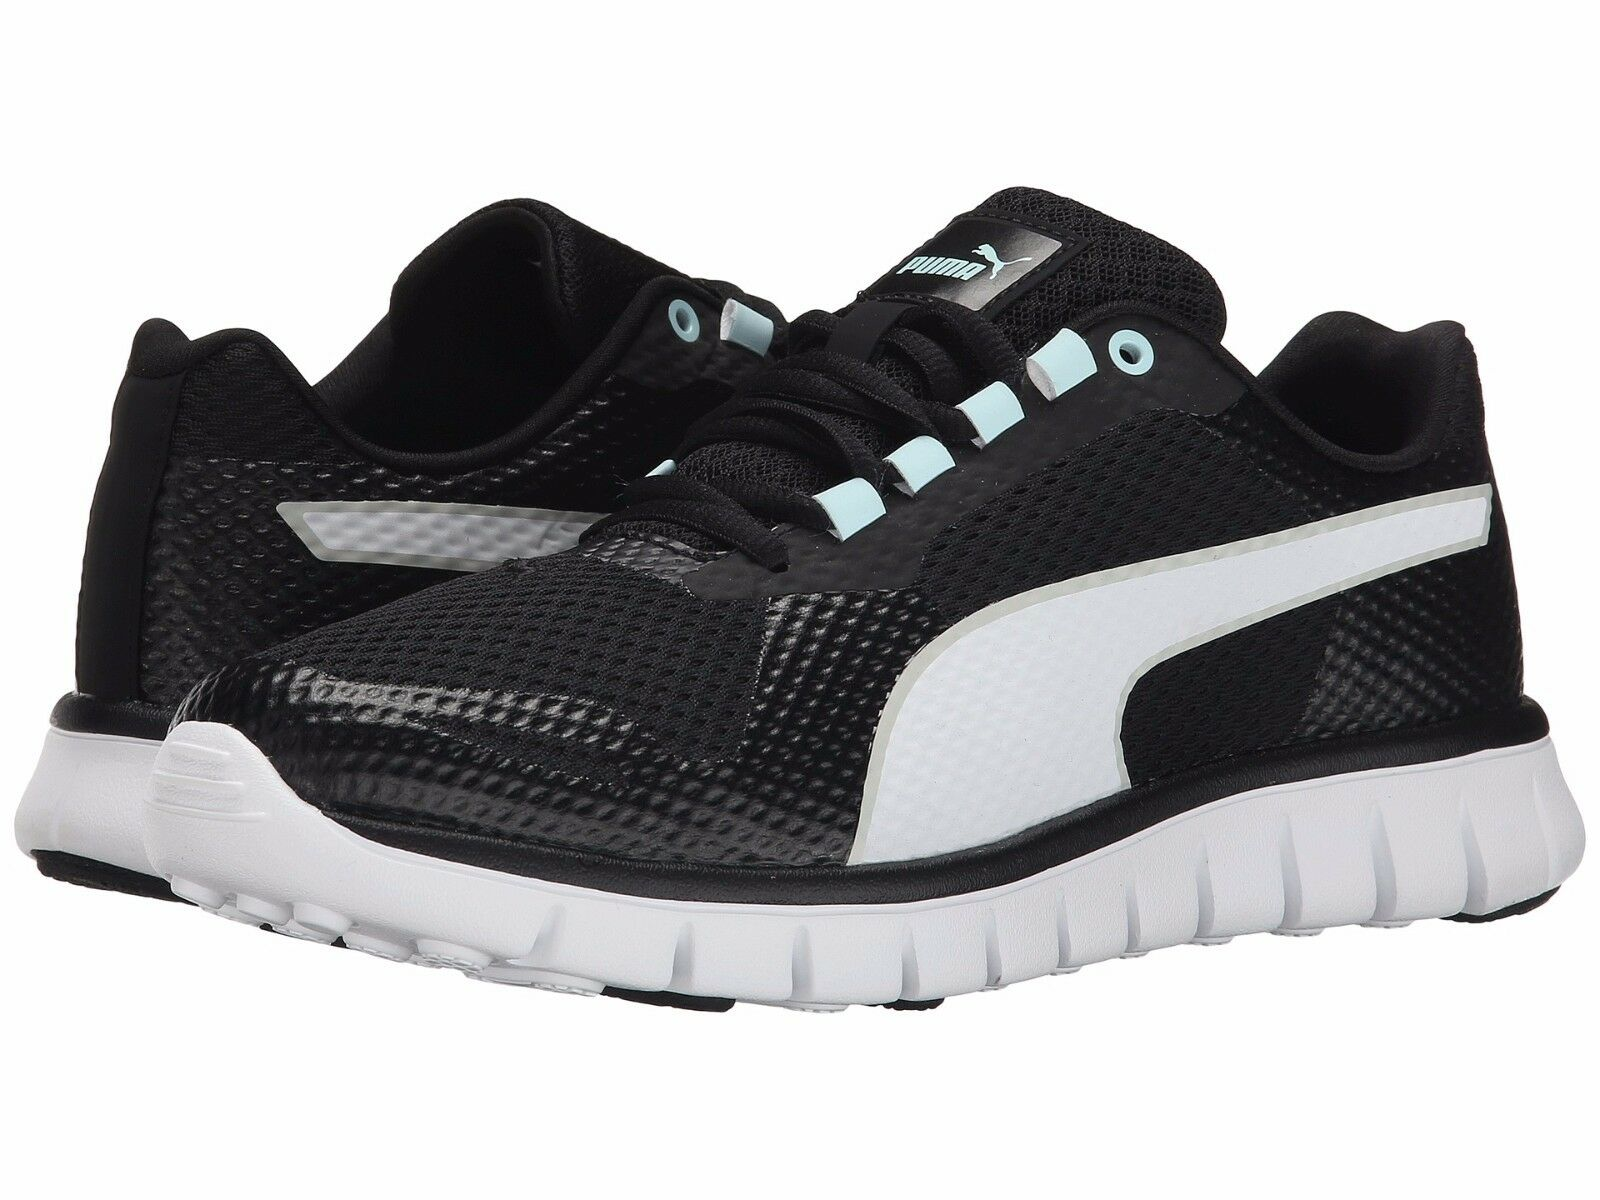 Le scarpe nuova puma macchia le donne scarpe da corsa nuova scarpe 188406-02 bianco nero 8baeae